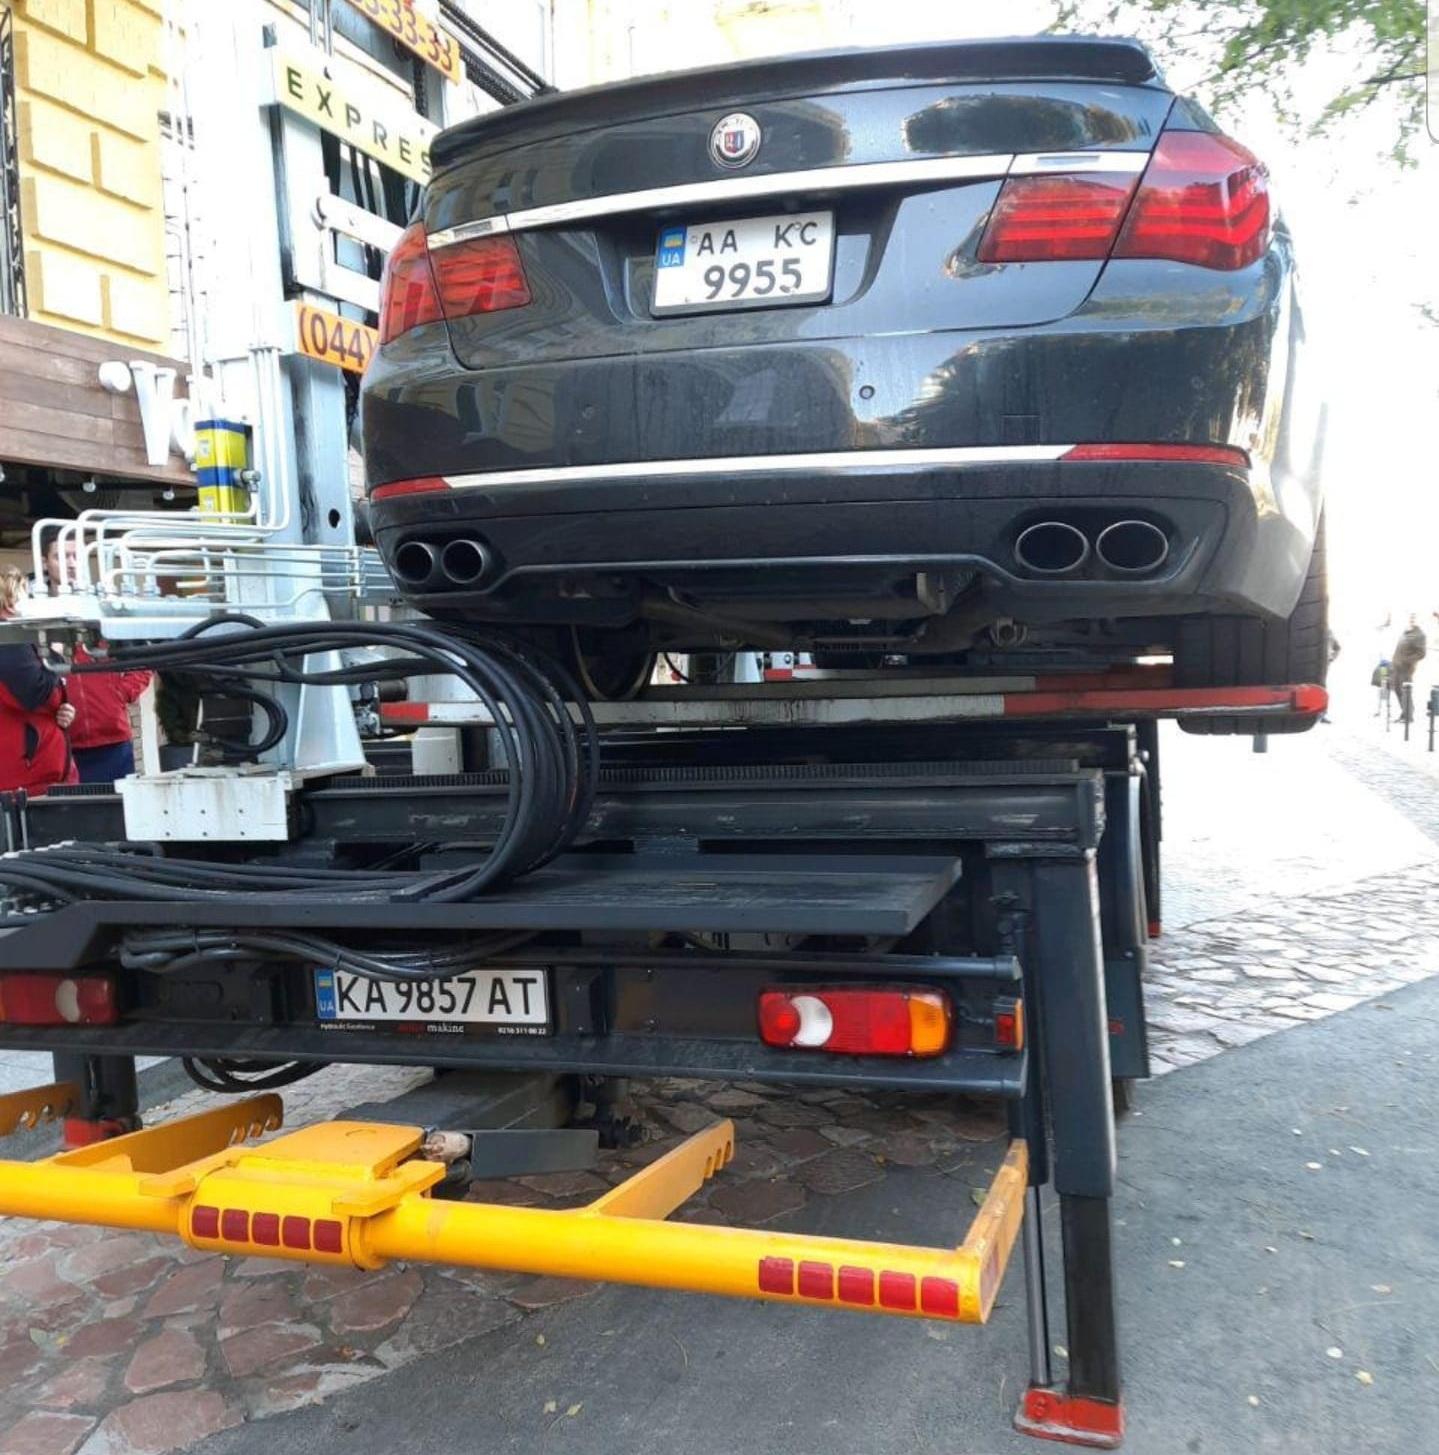 Авто депутата эвакуировали в Киеве за неправильную парковку